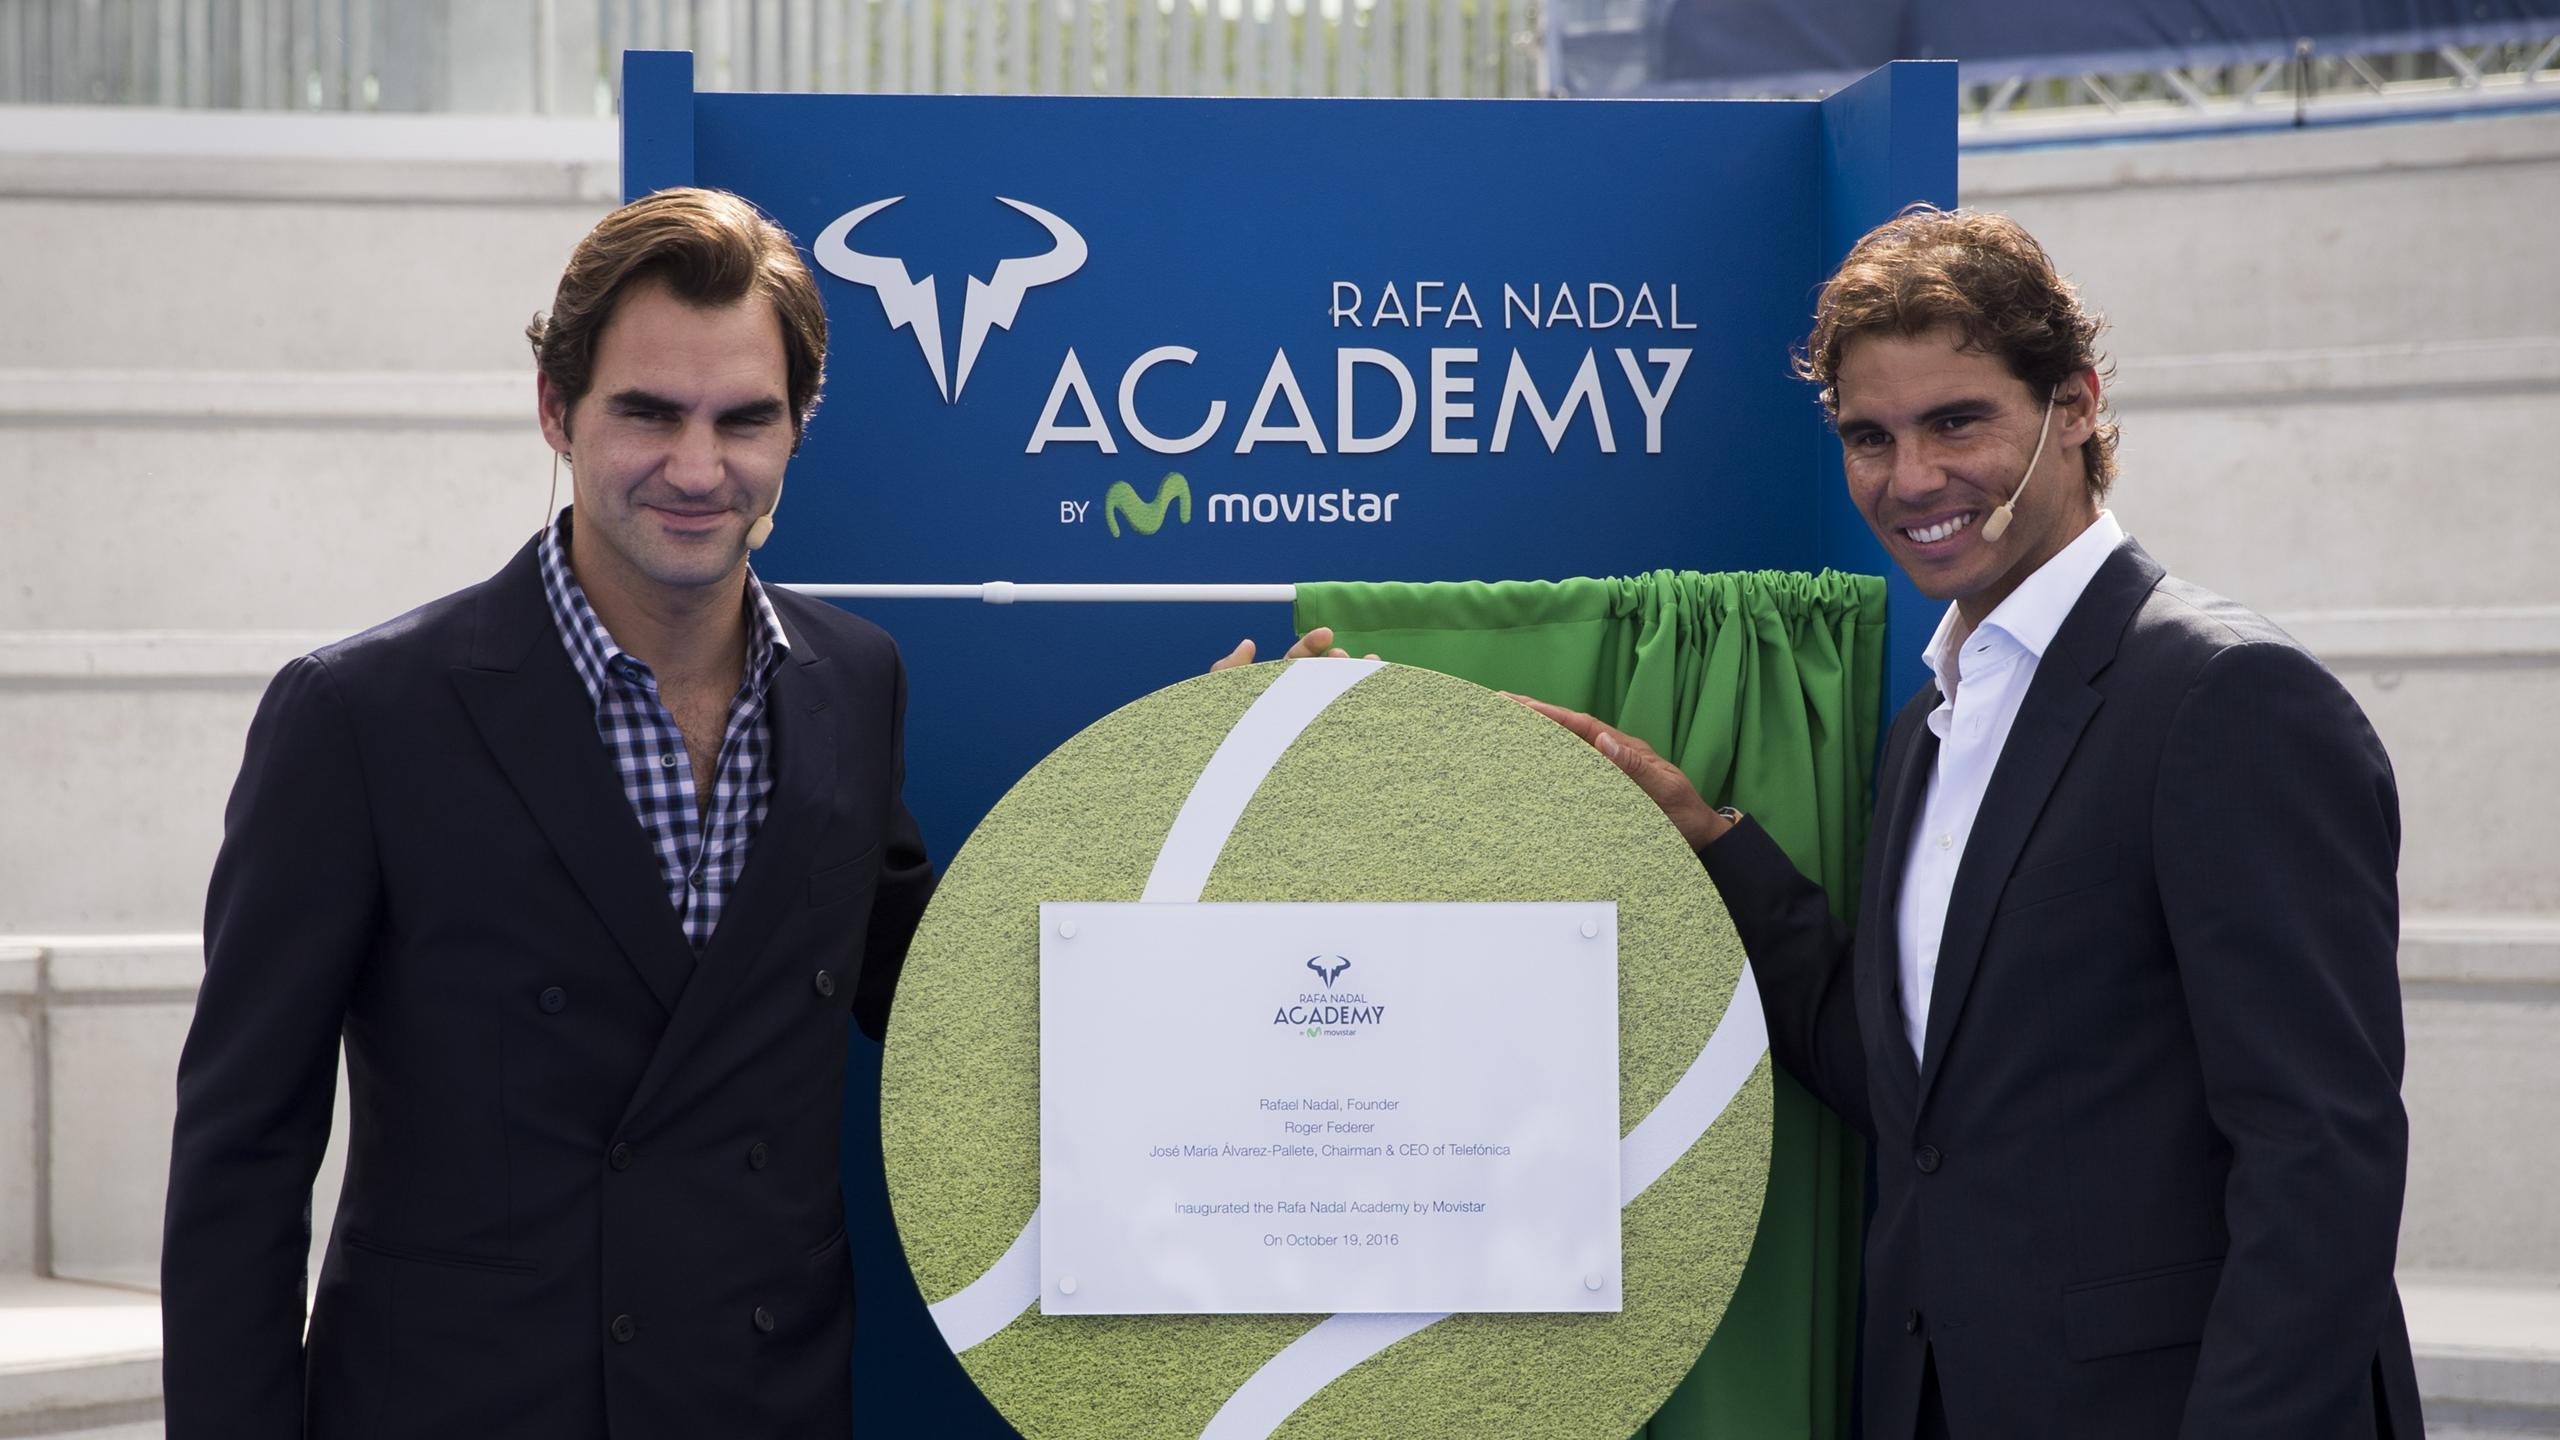 Roger Federer, Rafael Nadal à Manacor le 19 octobre 2016